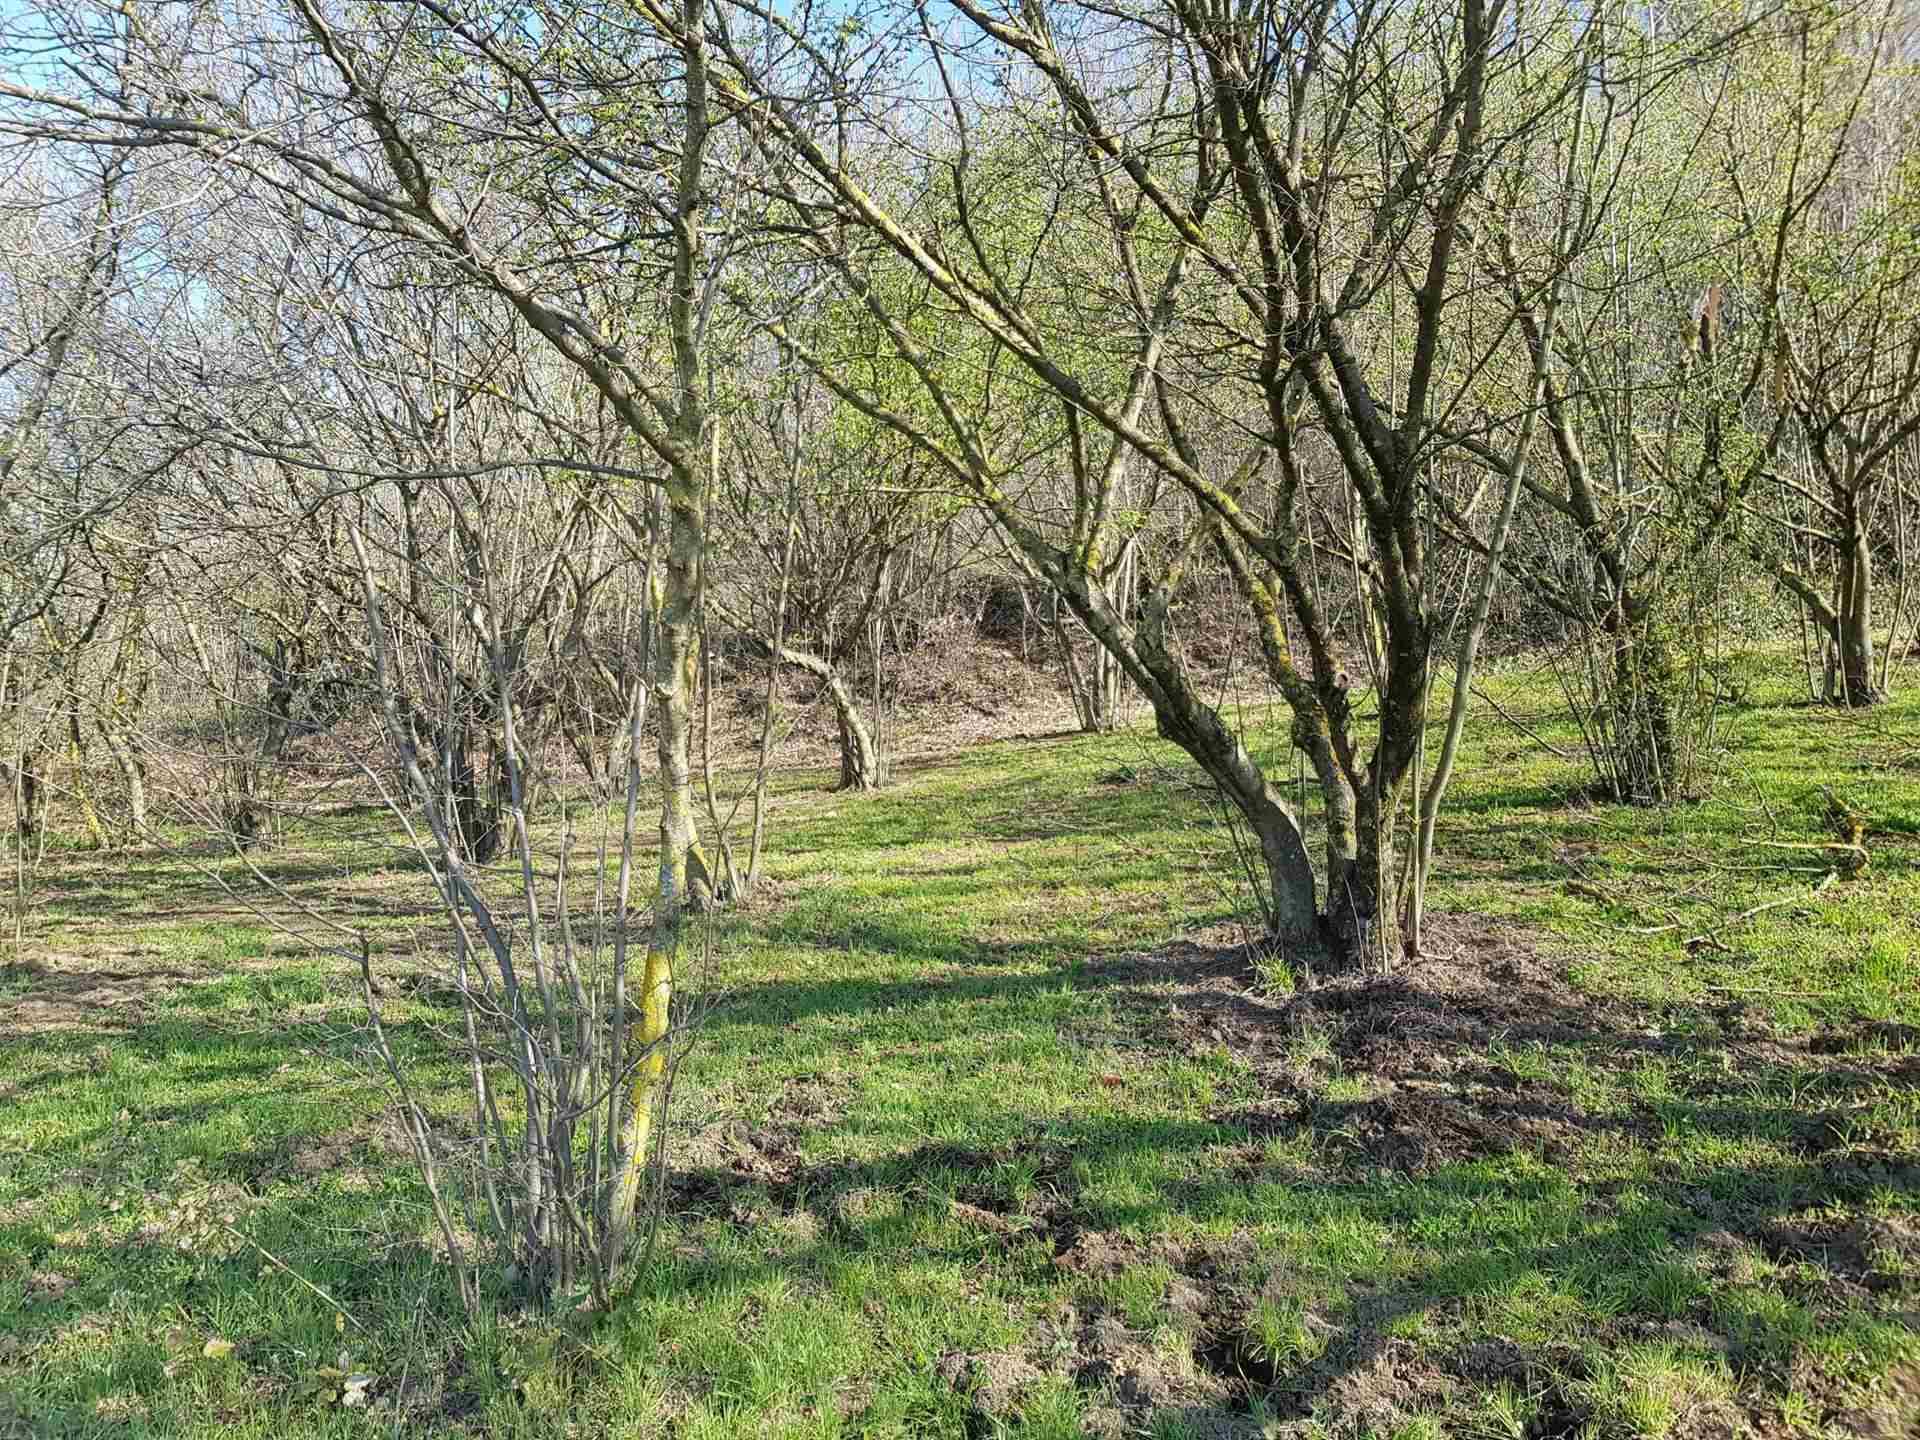 Terreno Agricolo in vendita a Manocalzati, 9999 locali, prezzo € 25.000 | CambioCasa.it